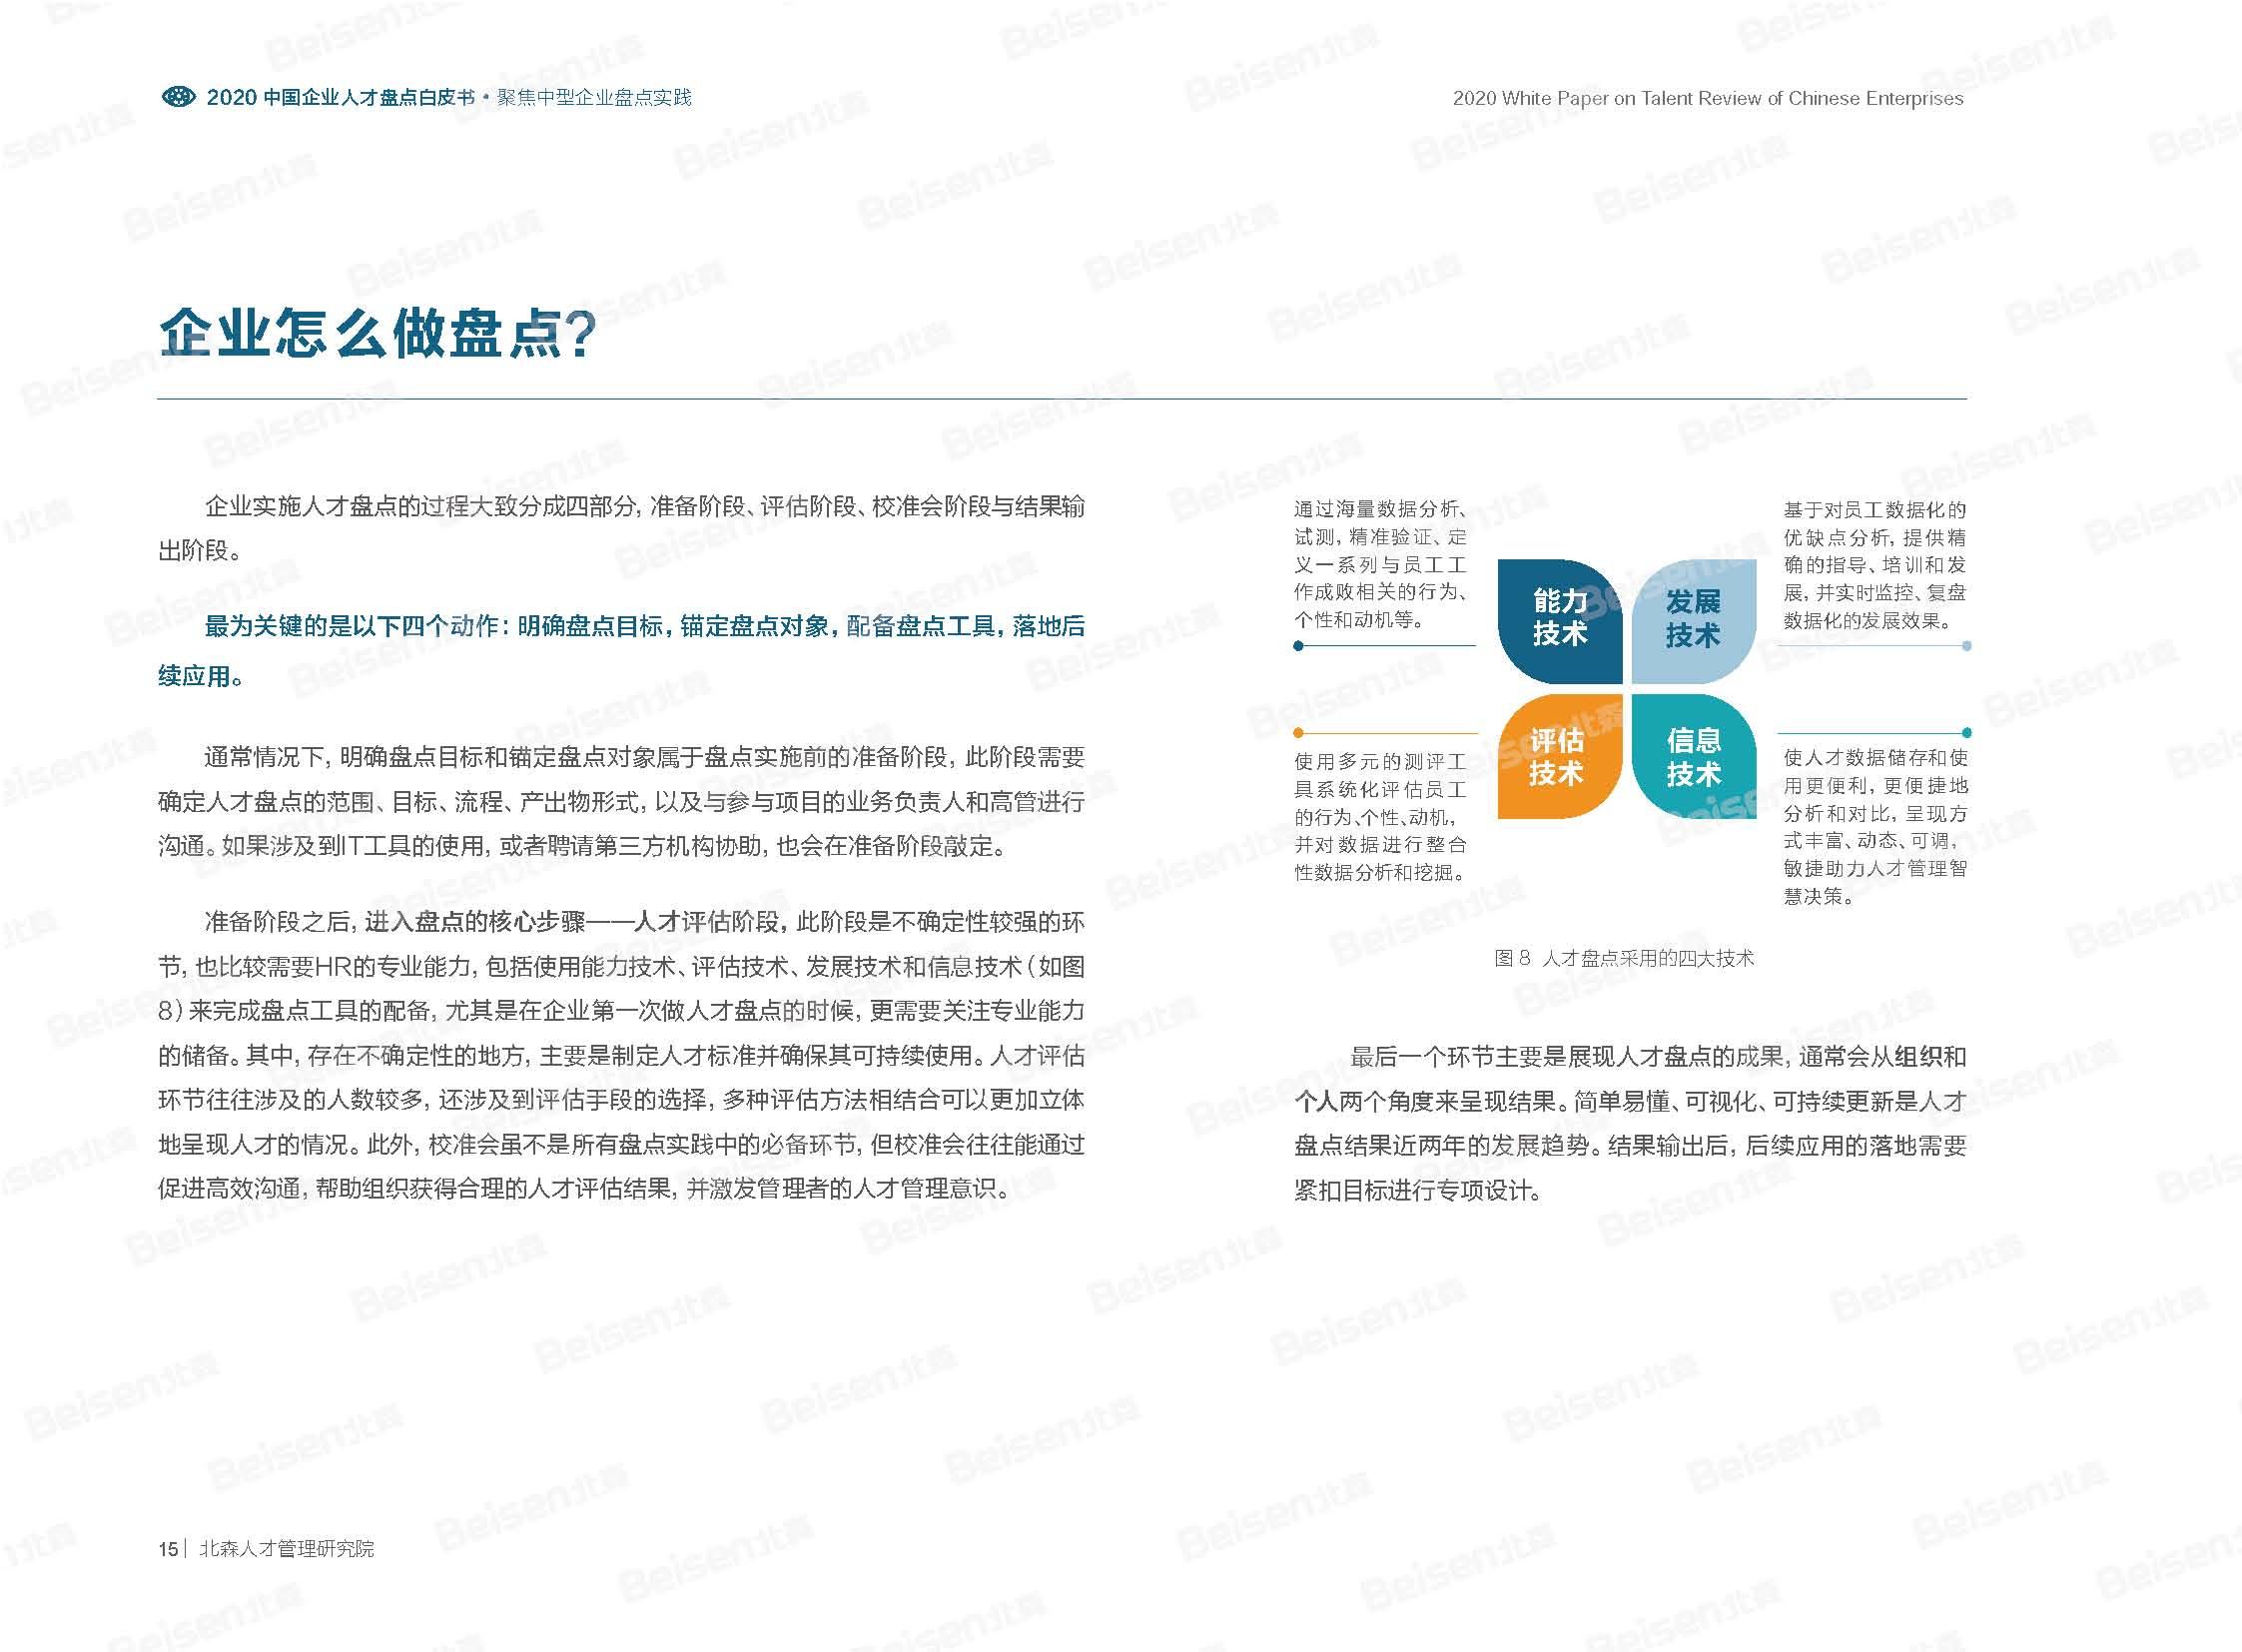 大数据研究报告,北森:2020中国企业人才盘点白皮书!